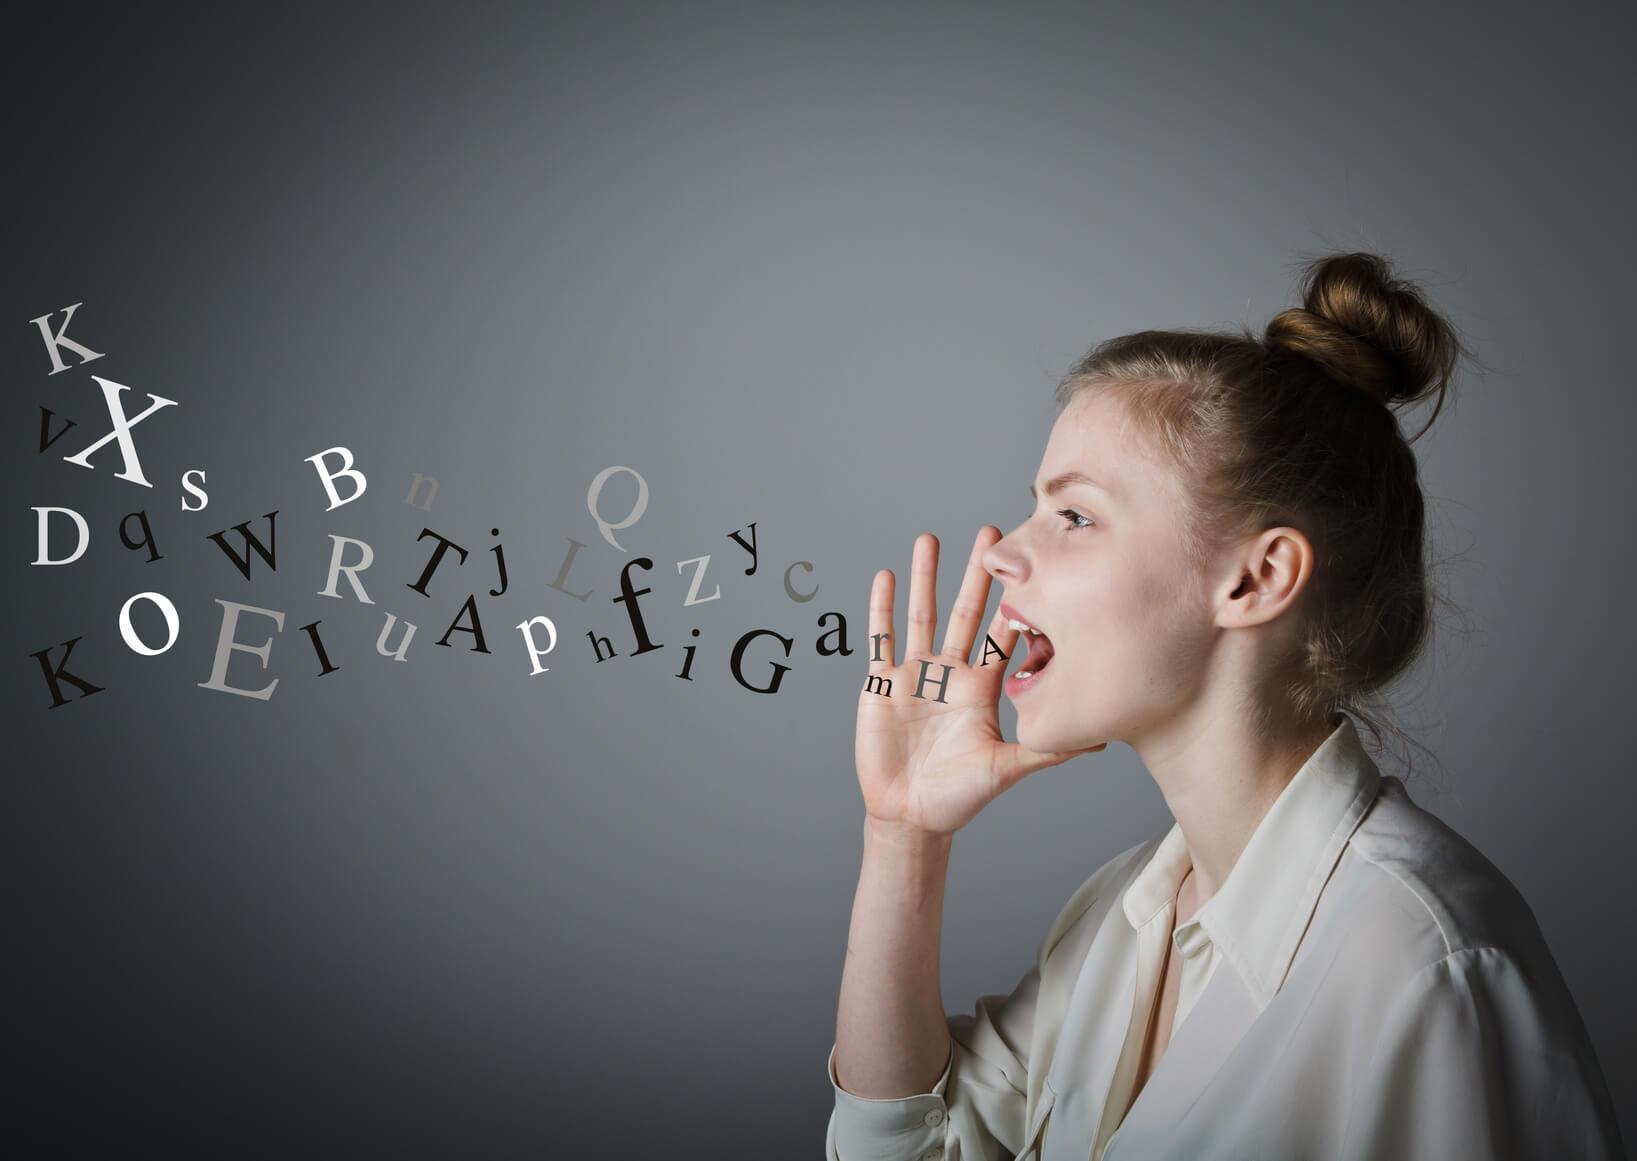 Comunique-se melhor com o empreendedorismo!